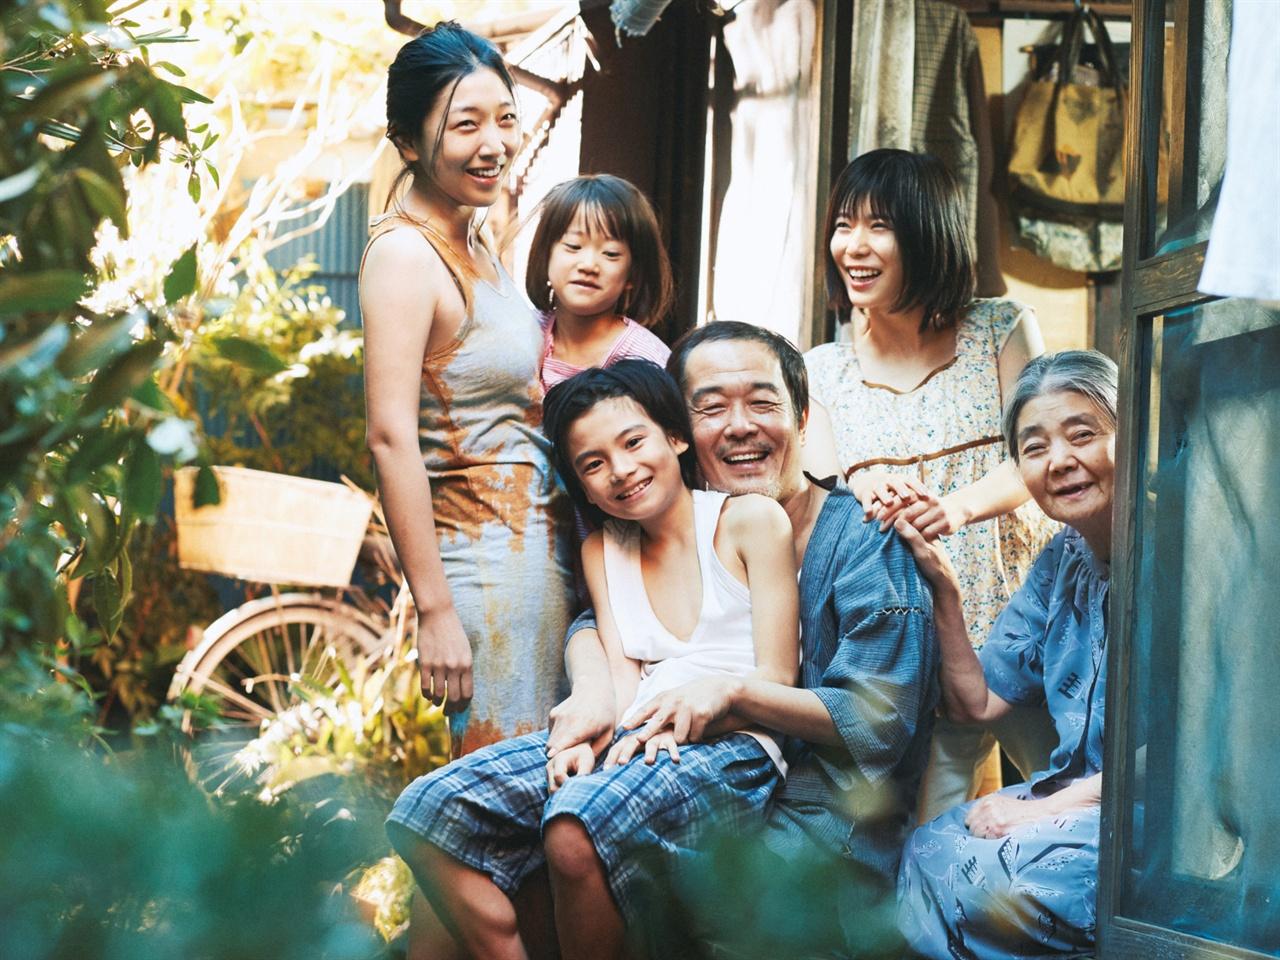 <어느 가족>의 한 장면